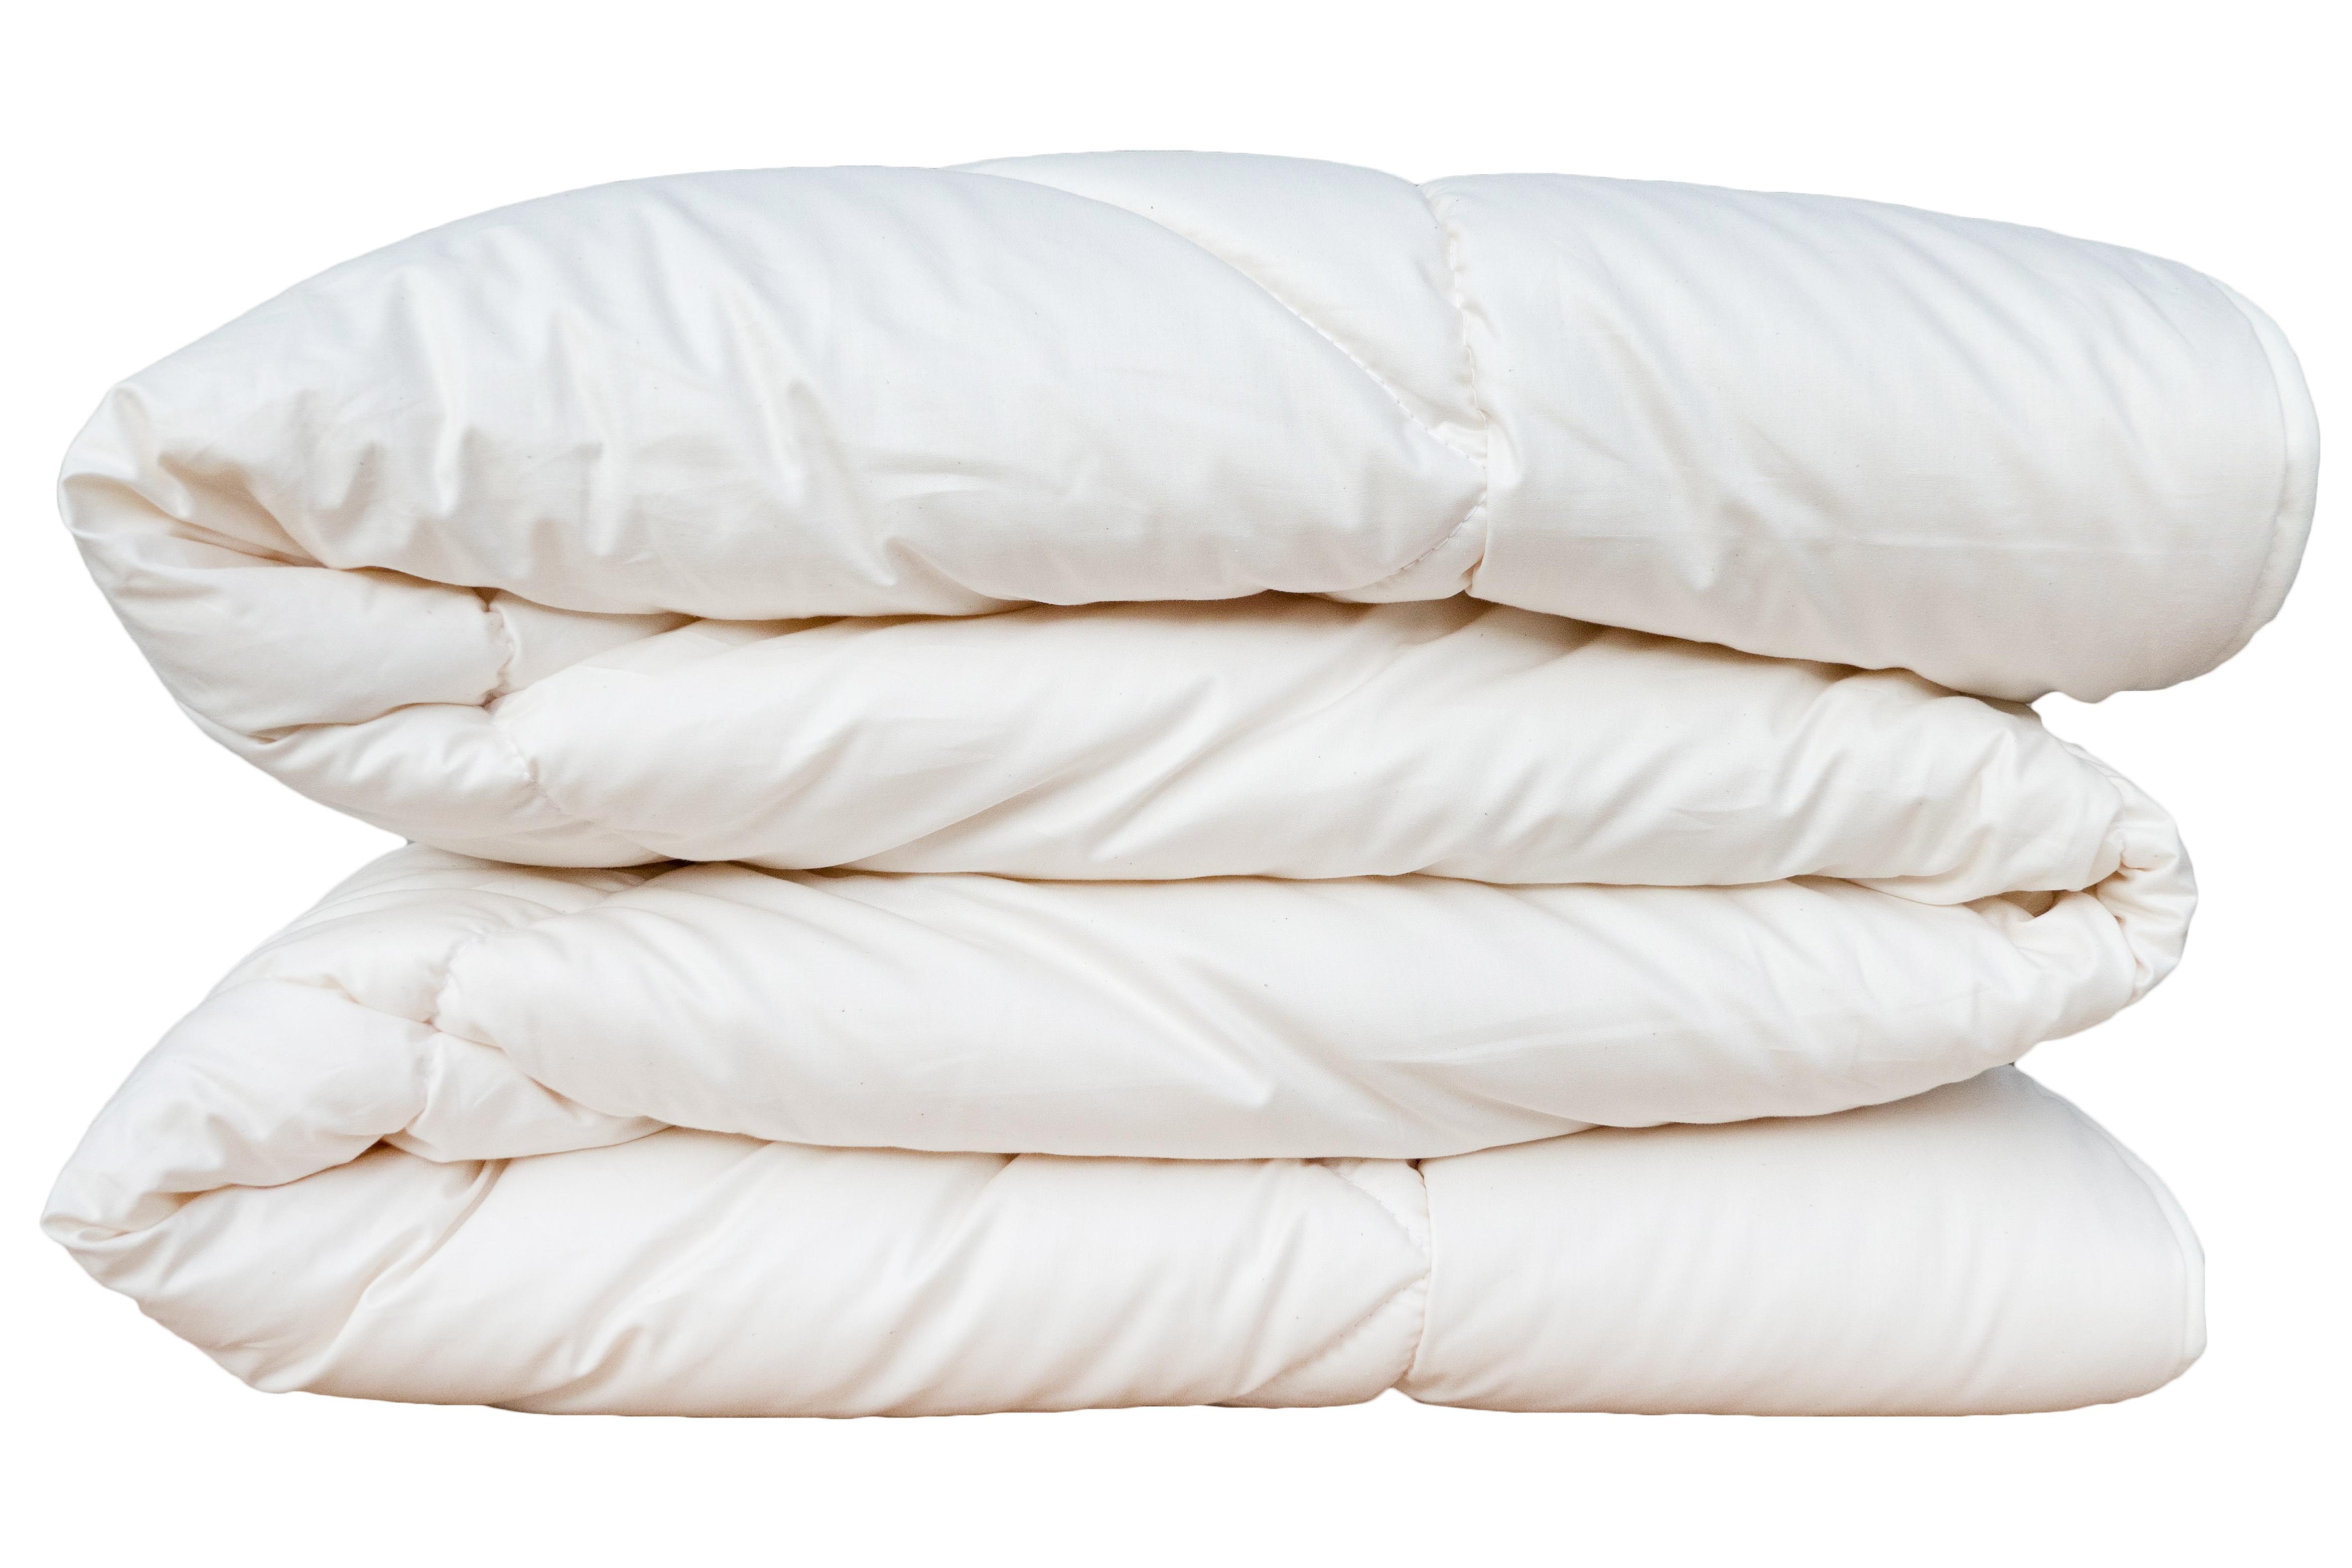 Bettdecken KBT Merino Schafschurwolle Winter Decke BIO KBA Baumwolle waschbar Natalia – Bild 5